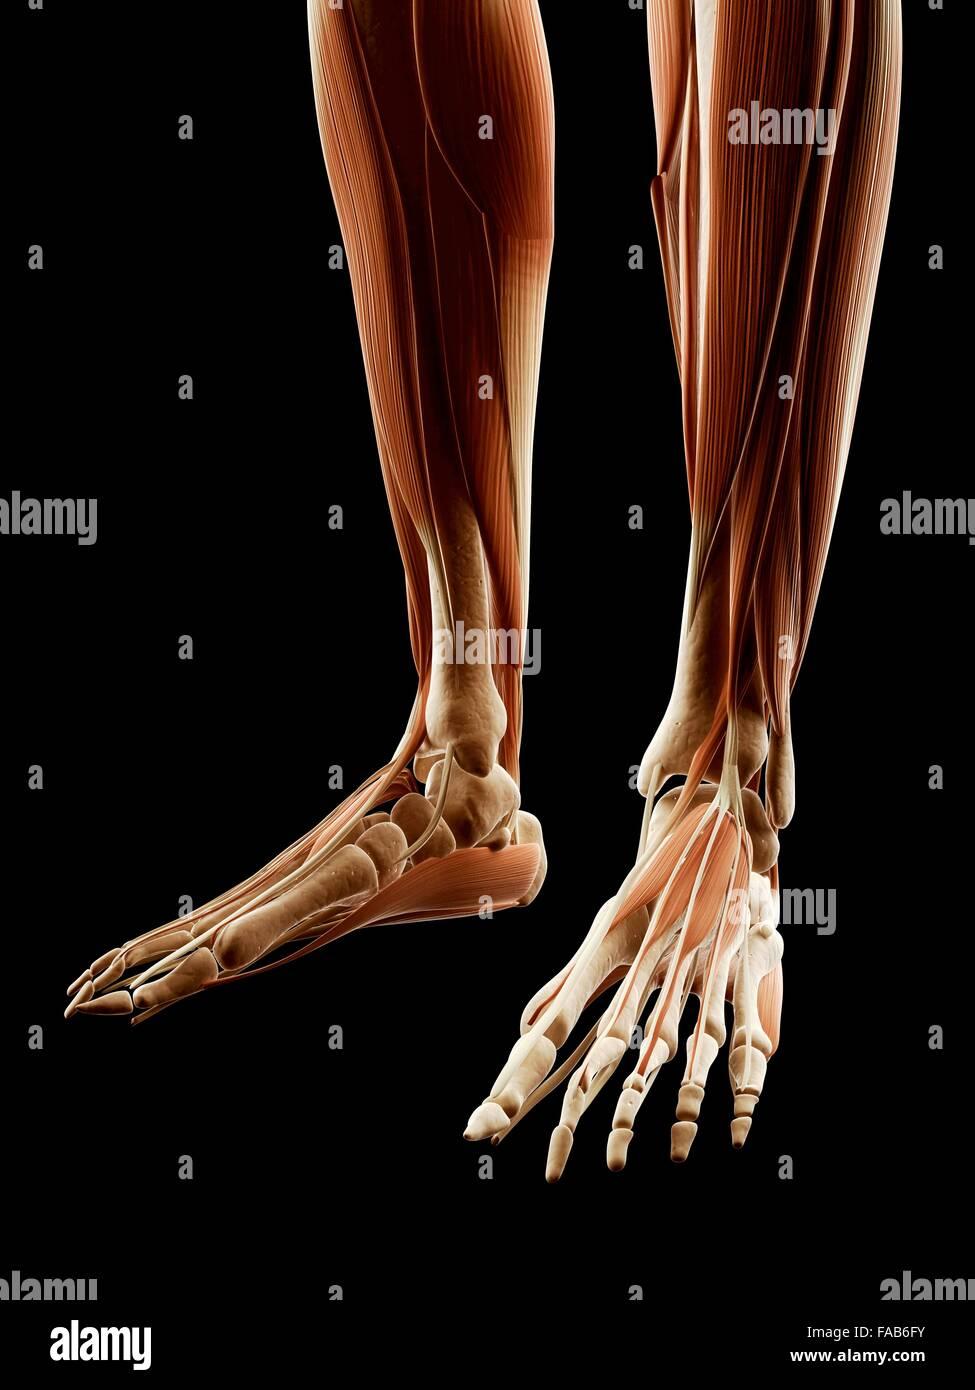 La parte inferior de la pierna y los músculos del pie, equipo de la ...